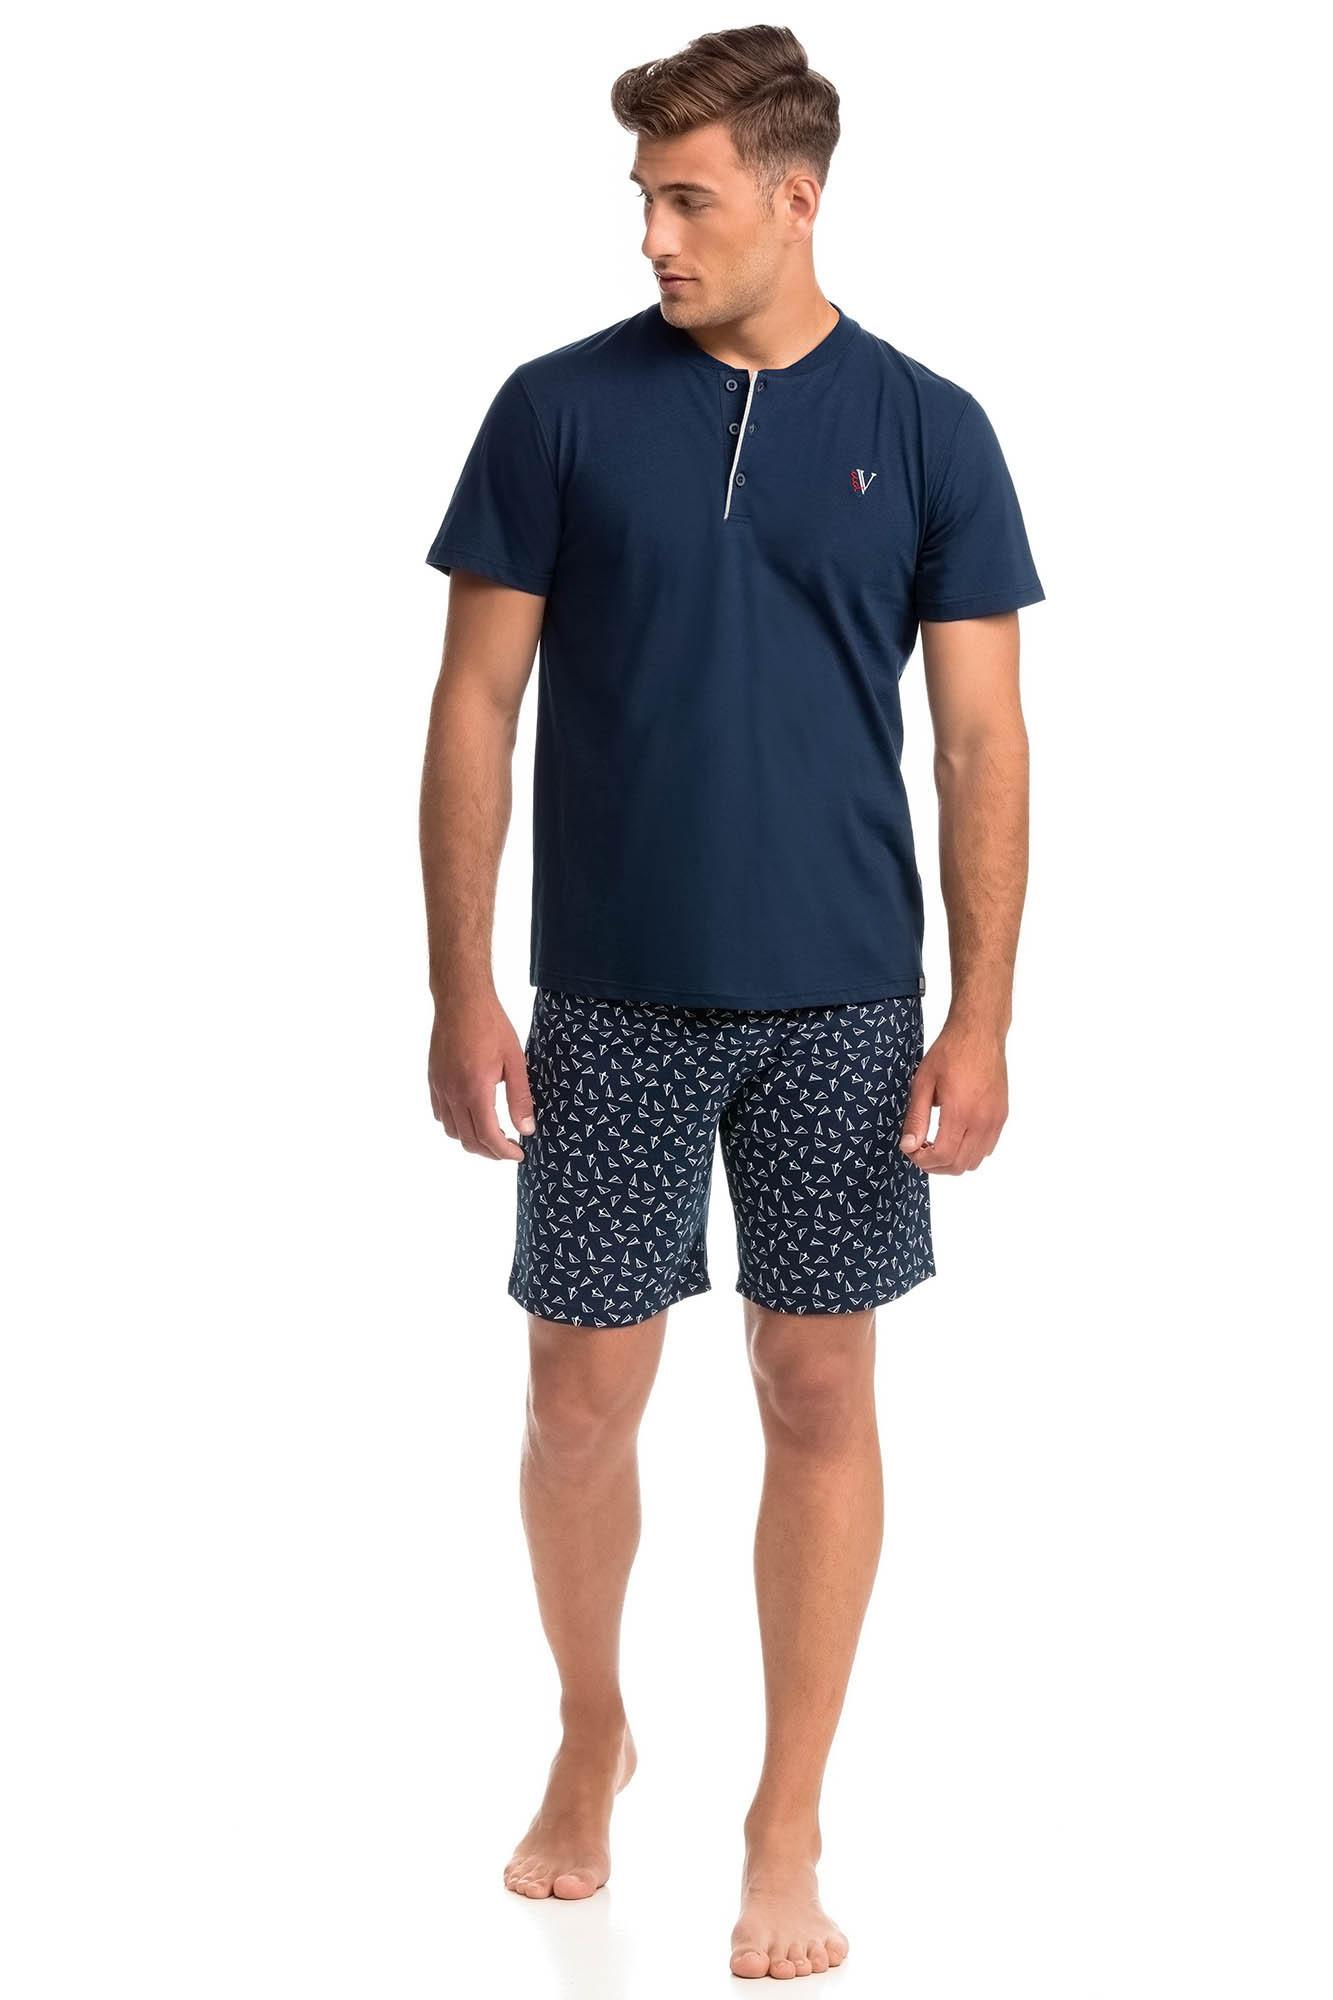 Vamp - Pohodlné dvojdielne pánske pyžamo 14746 - Vamp blue oxford xxl